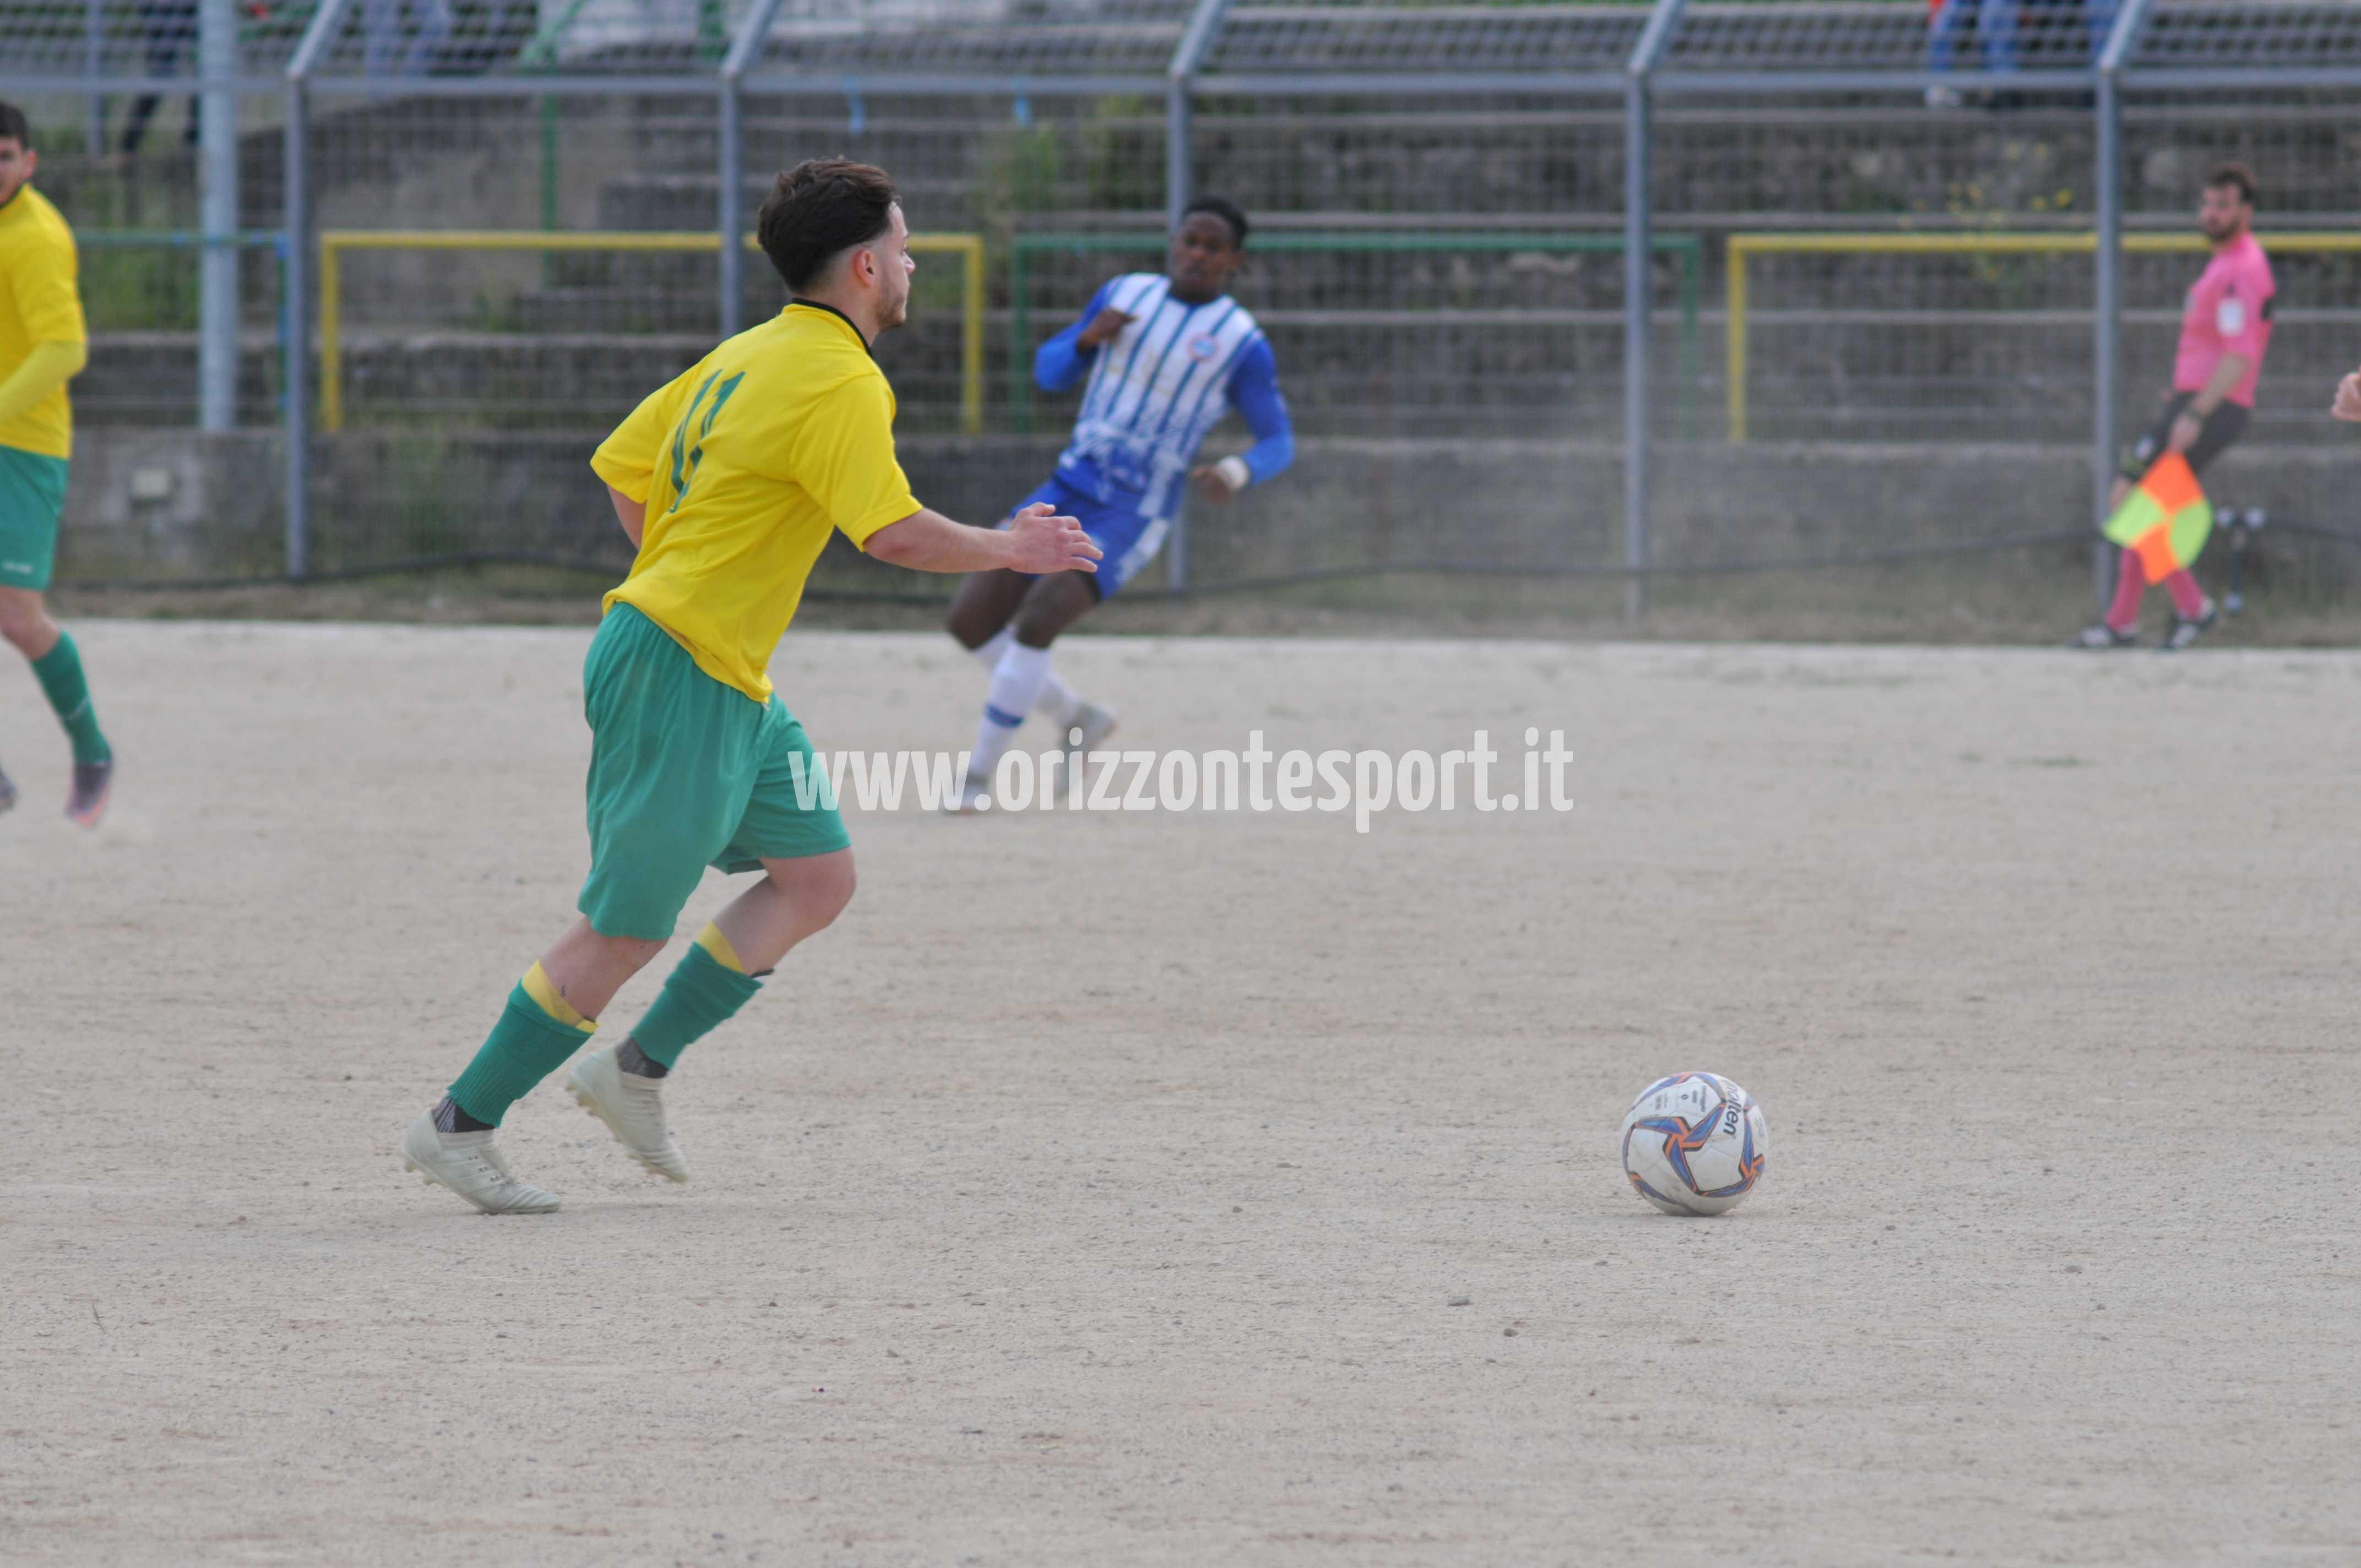 roggiano_cassano (37)